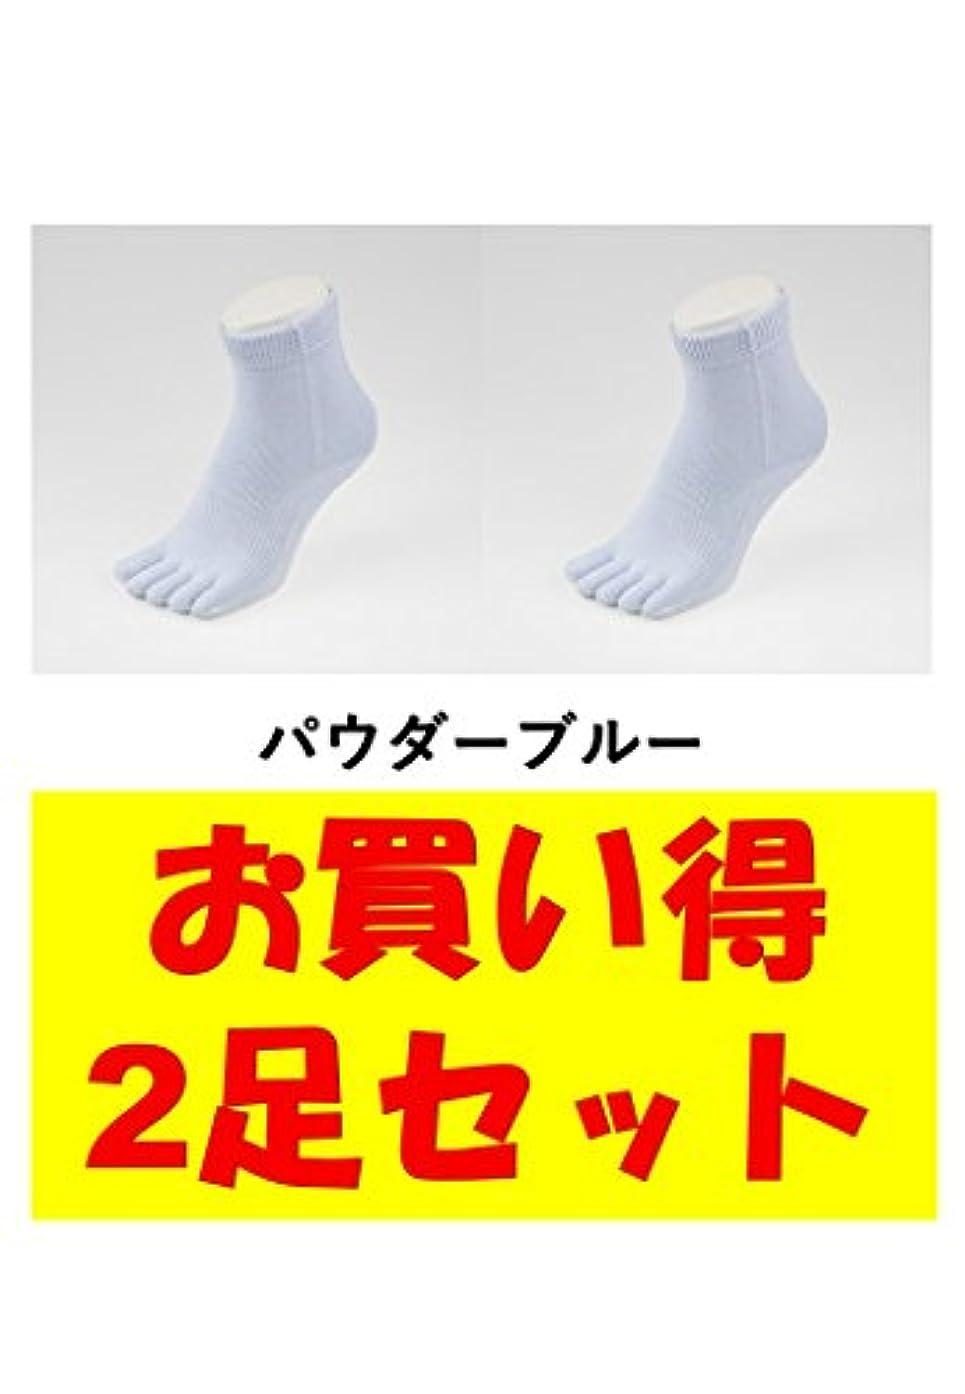 パケット高さ文句を言うお買い得2足セット 5本指 ゆびのばソックス Neo EVE(イヴ) パウダーブルー iサイズ(23.5cm - 25.5cm) YSNEVE-PBL